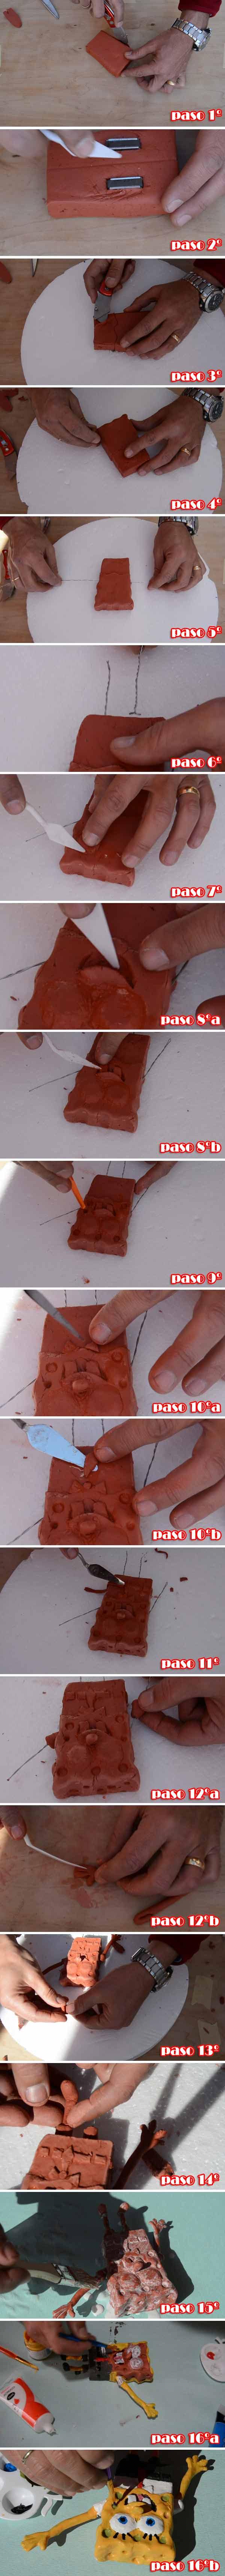 Bob Esponja modelado en 3D con arcilla 3 - fotos tutorial